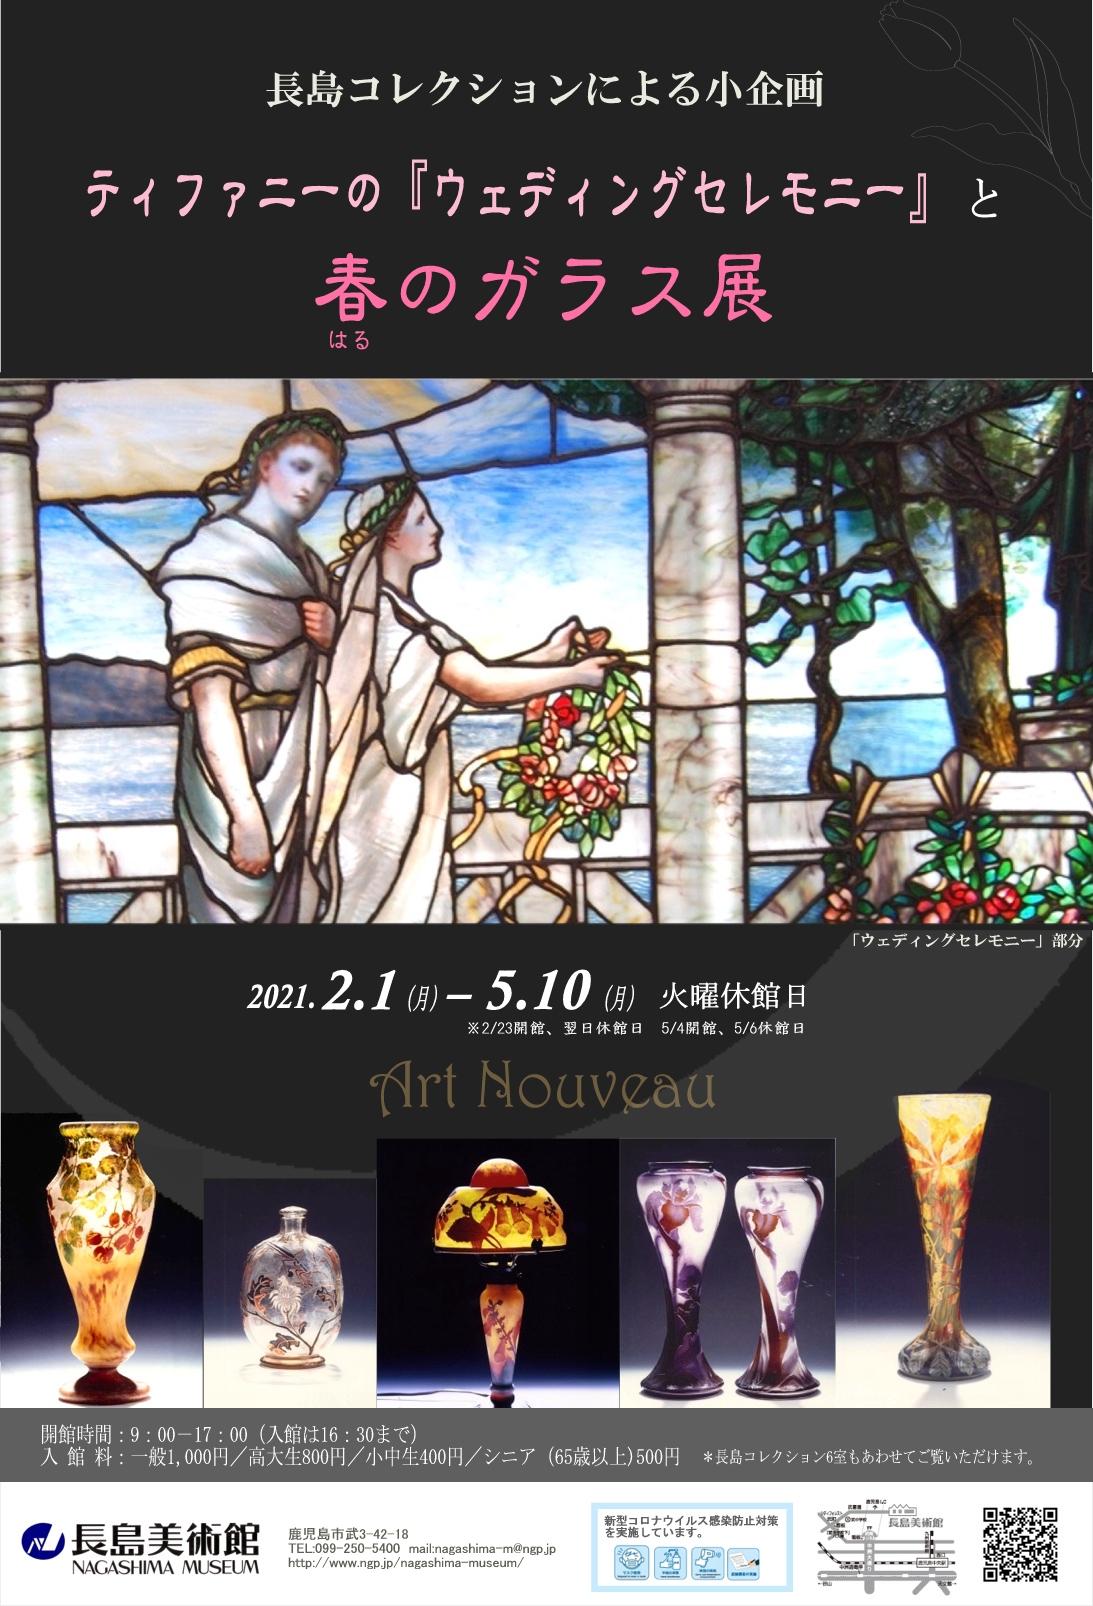 長島コレクションによる小企画 ティファニーの「ウェディングセレモニー」と春のガラス展